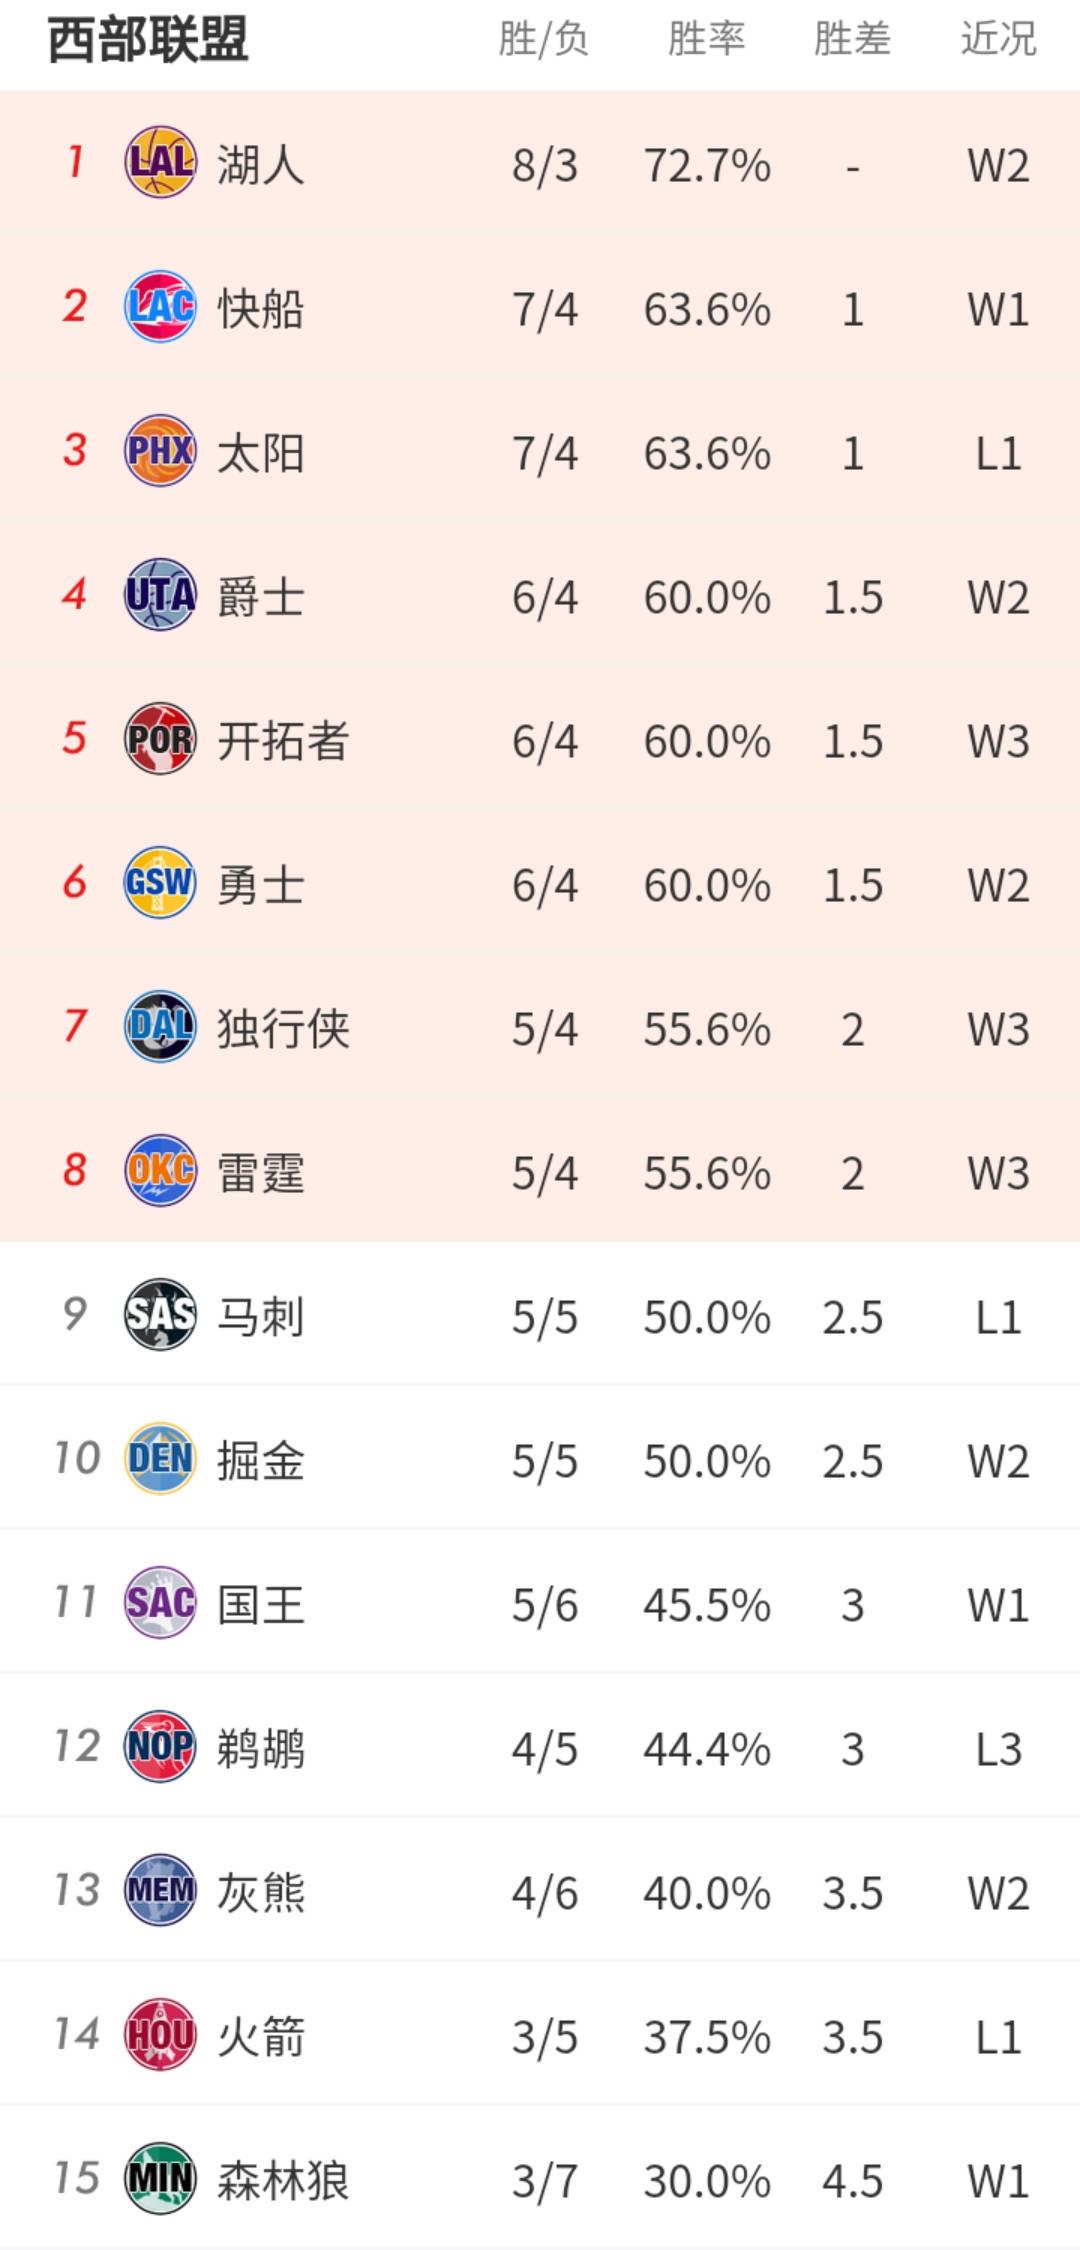 原创             一场爆冷让湖人坐稳榜首!NBA最新排名:东部第一易主,太阳跌至第三